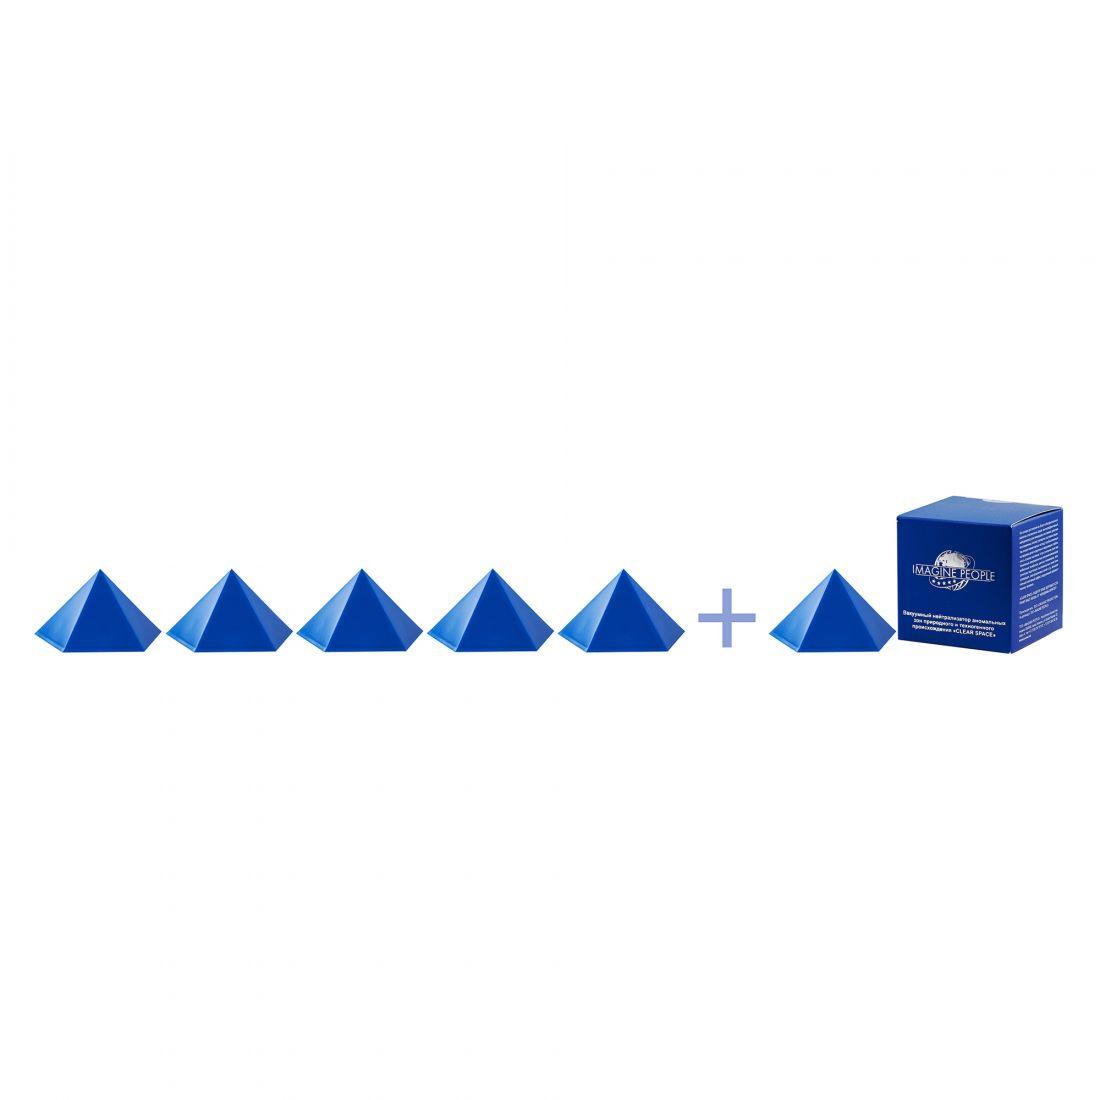 Пирамида 5 гранная 5 штук + 1 в подарок!